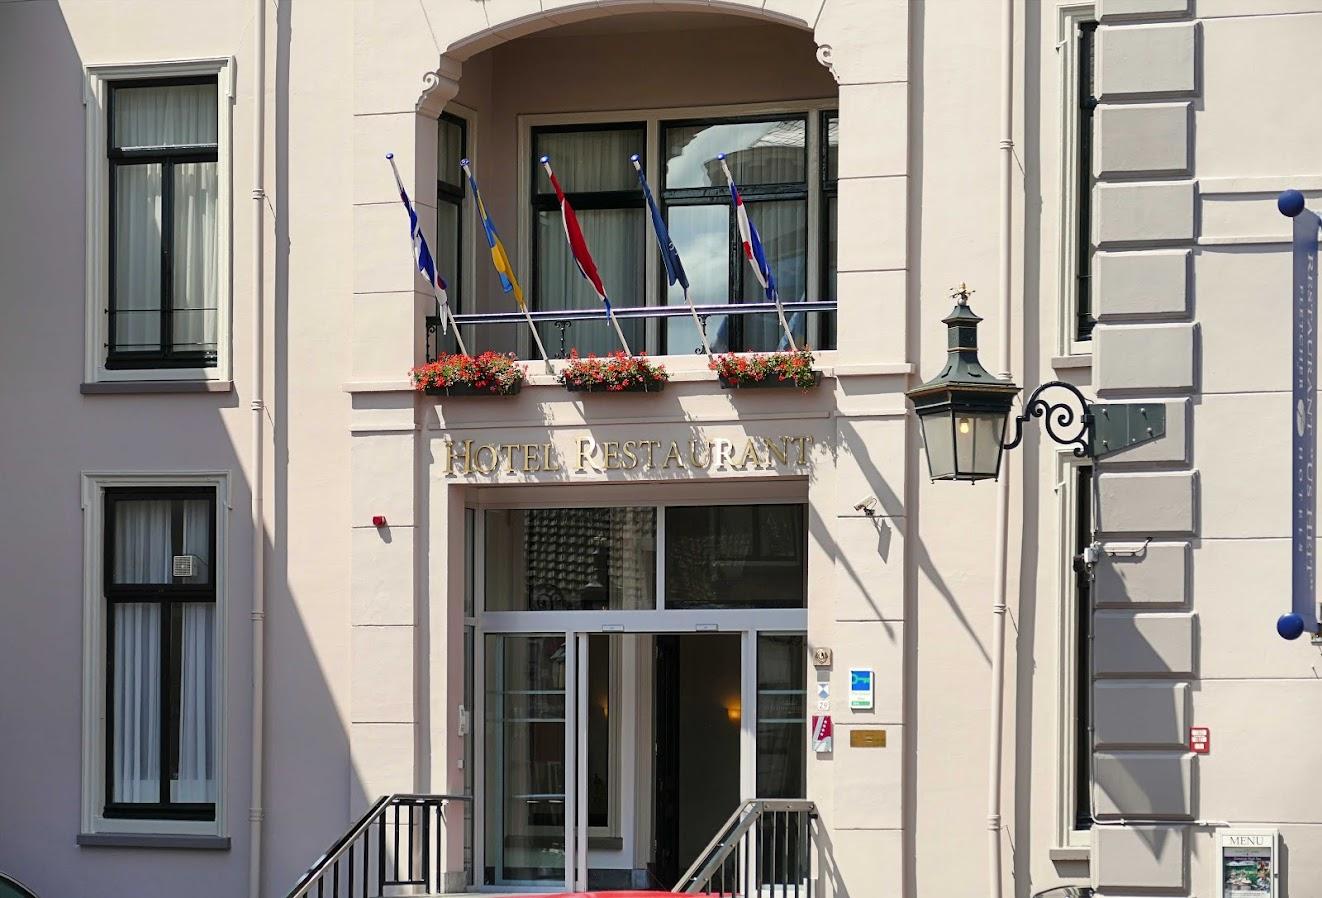 Aangeboden door: Stichting Microtoerisme InZicht Fotoblog Leeuwarden Stadhouderlijk hof hotel restaurant